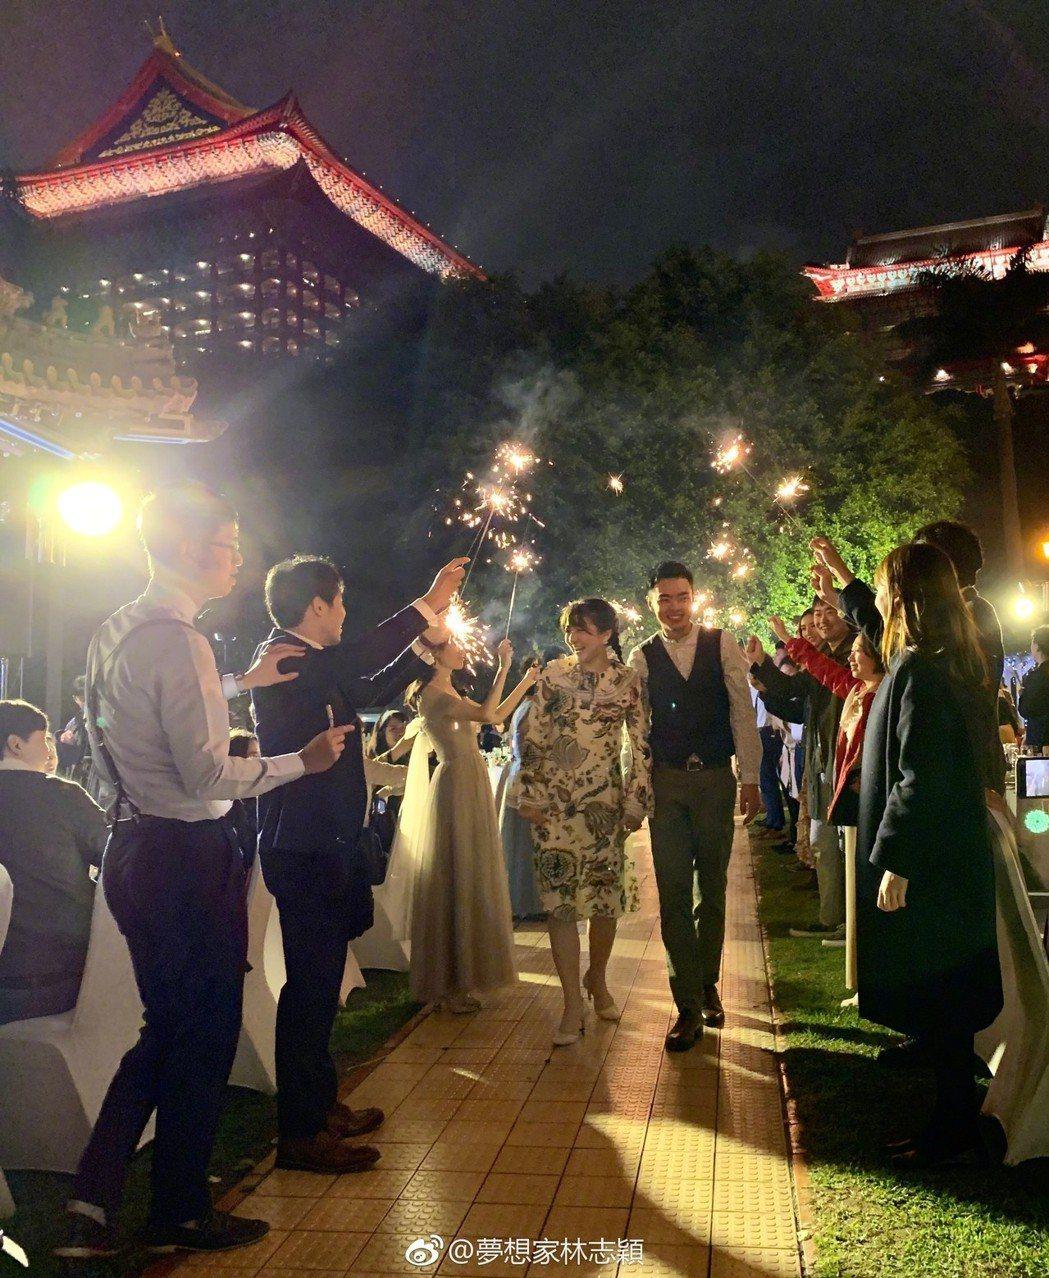 林志穎弟弟婚禮浪漫。 圖/擷自林志穎微博